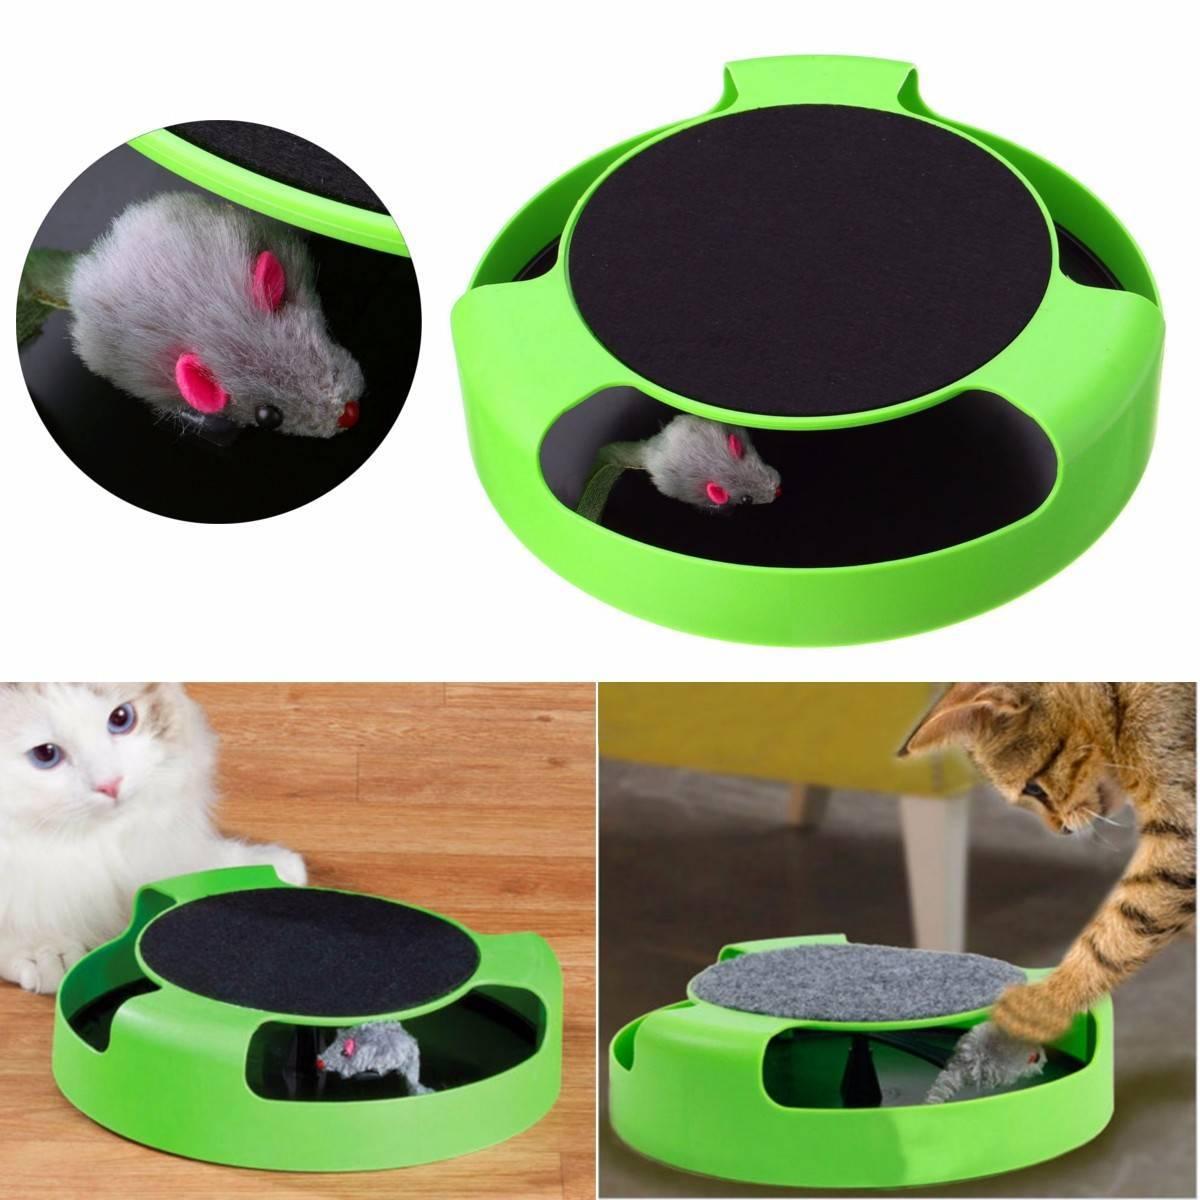 Игрушки для кошек и котят [как выбрать, топ 16 игрушек] - kotiko.ru